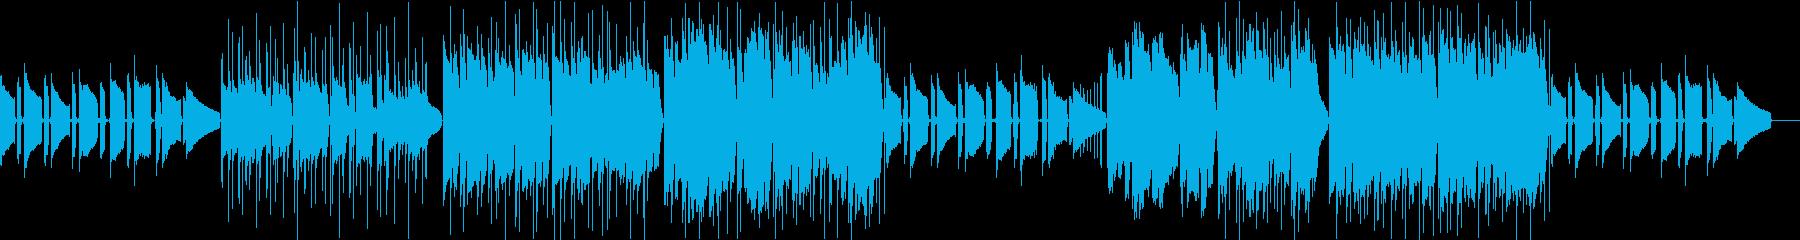 ギターと女性声のチルでLoFiなビートの再生済みの波形